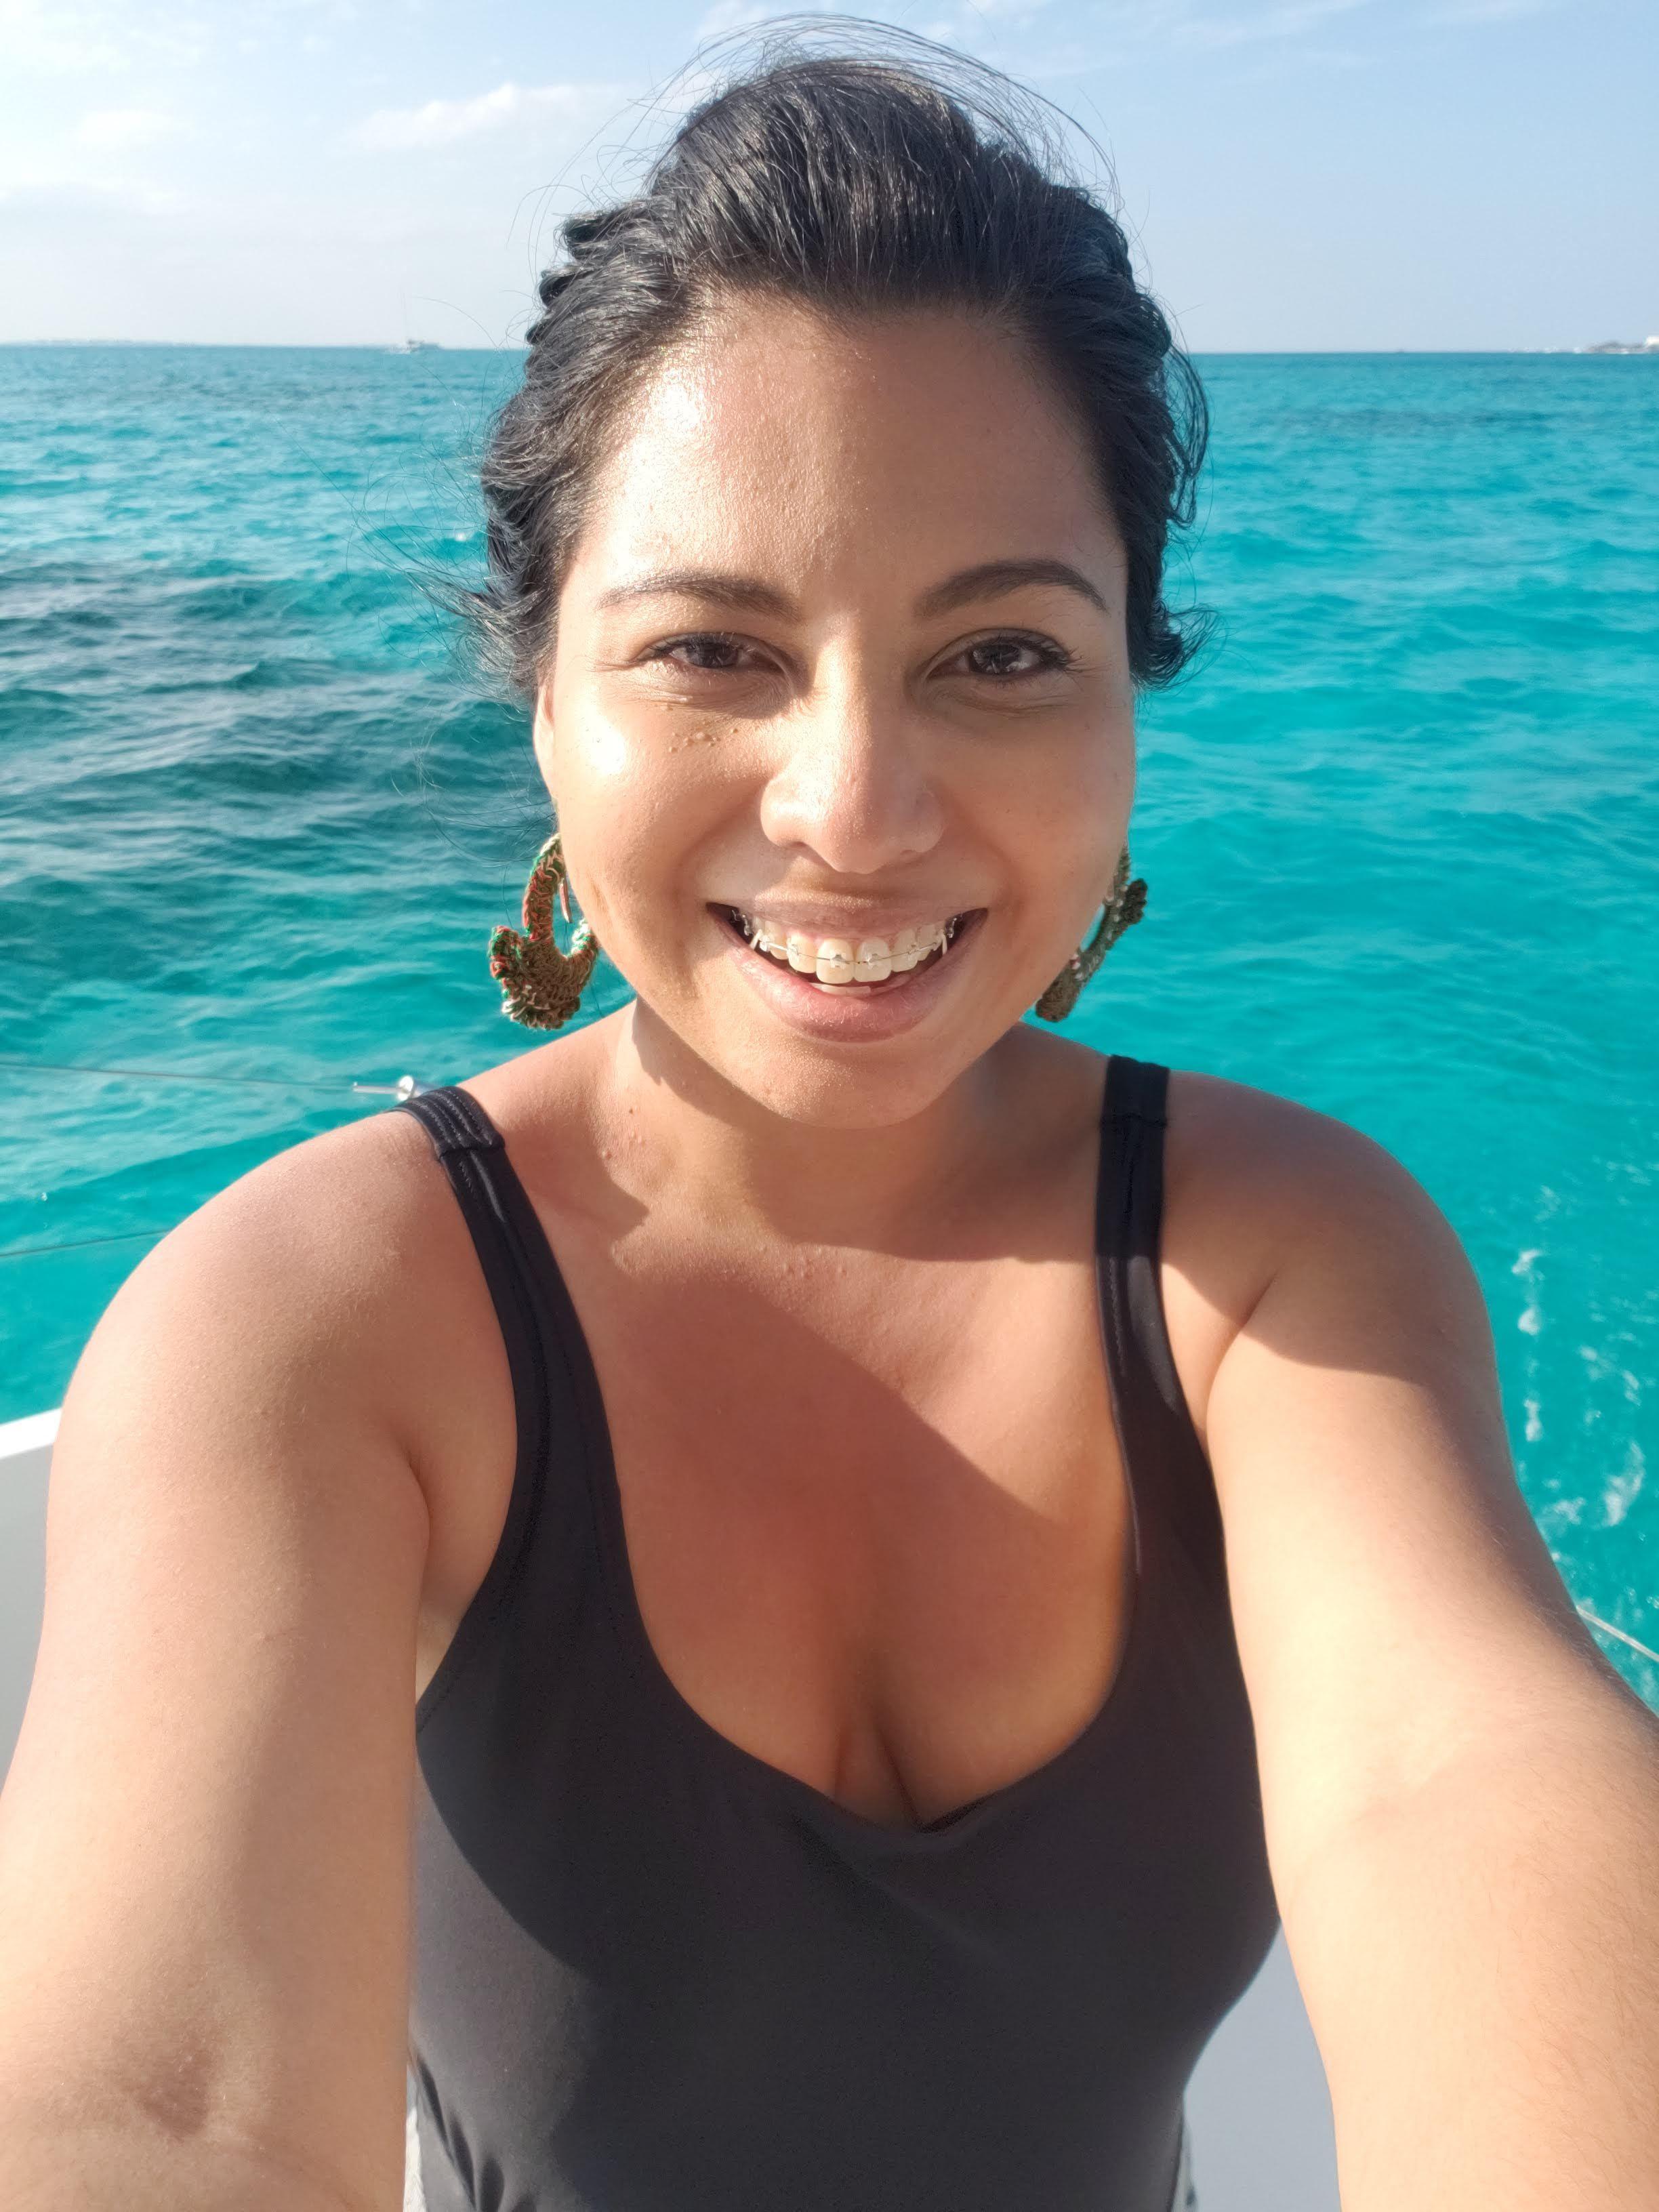 Foto sin ningún tipo de filtro en las aguas turquesas de Cancún, México.